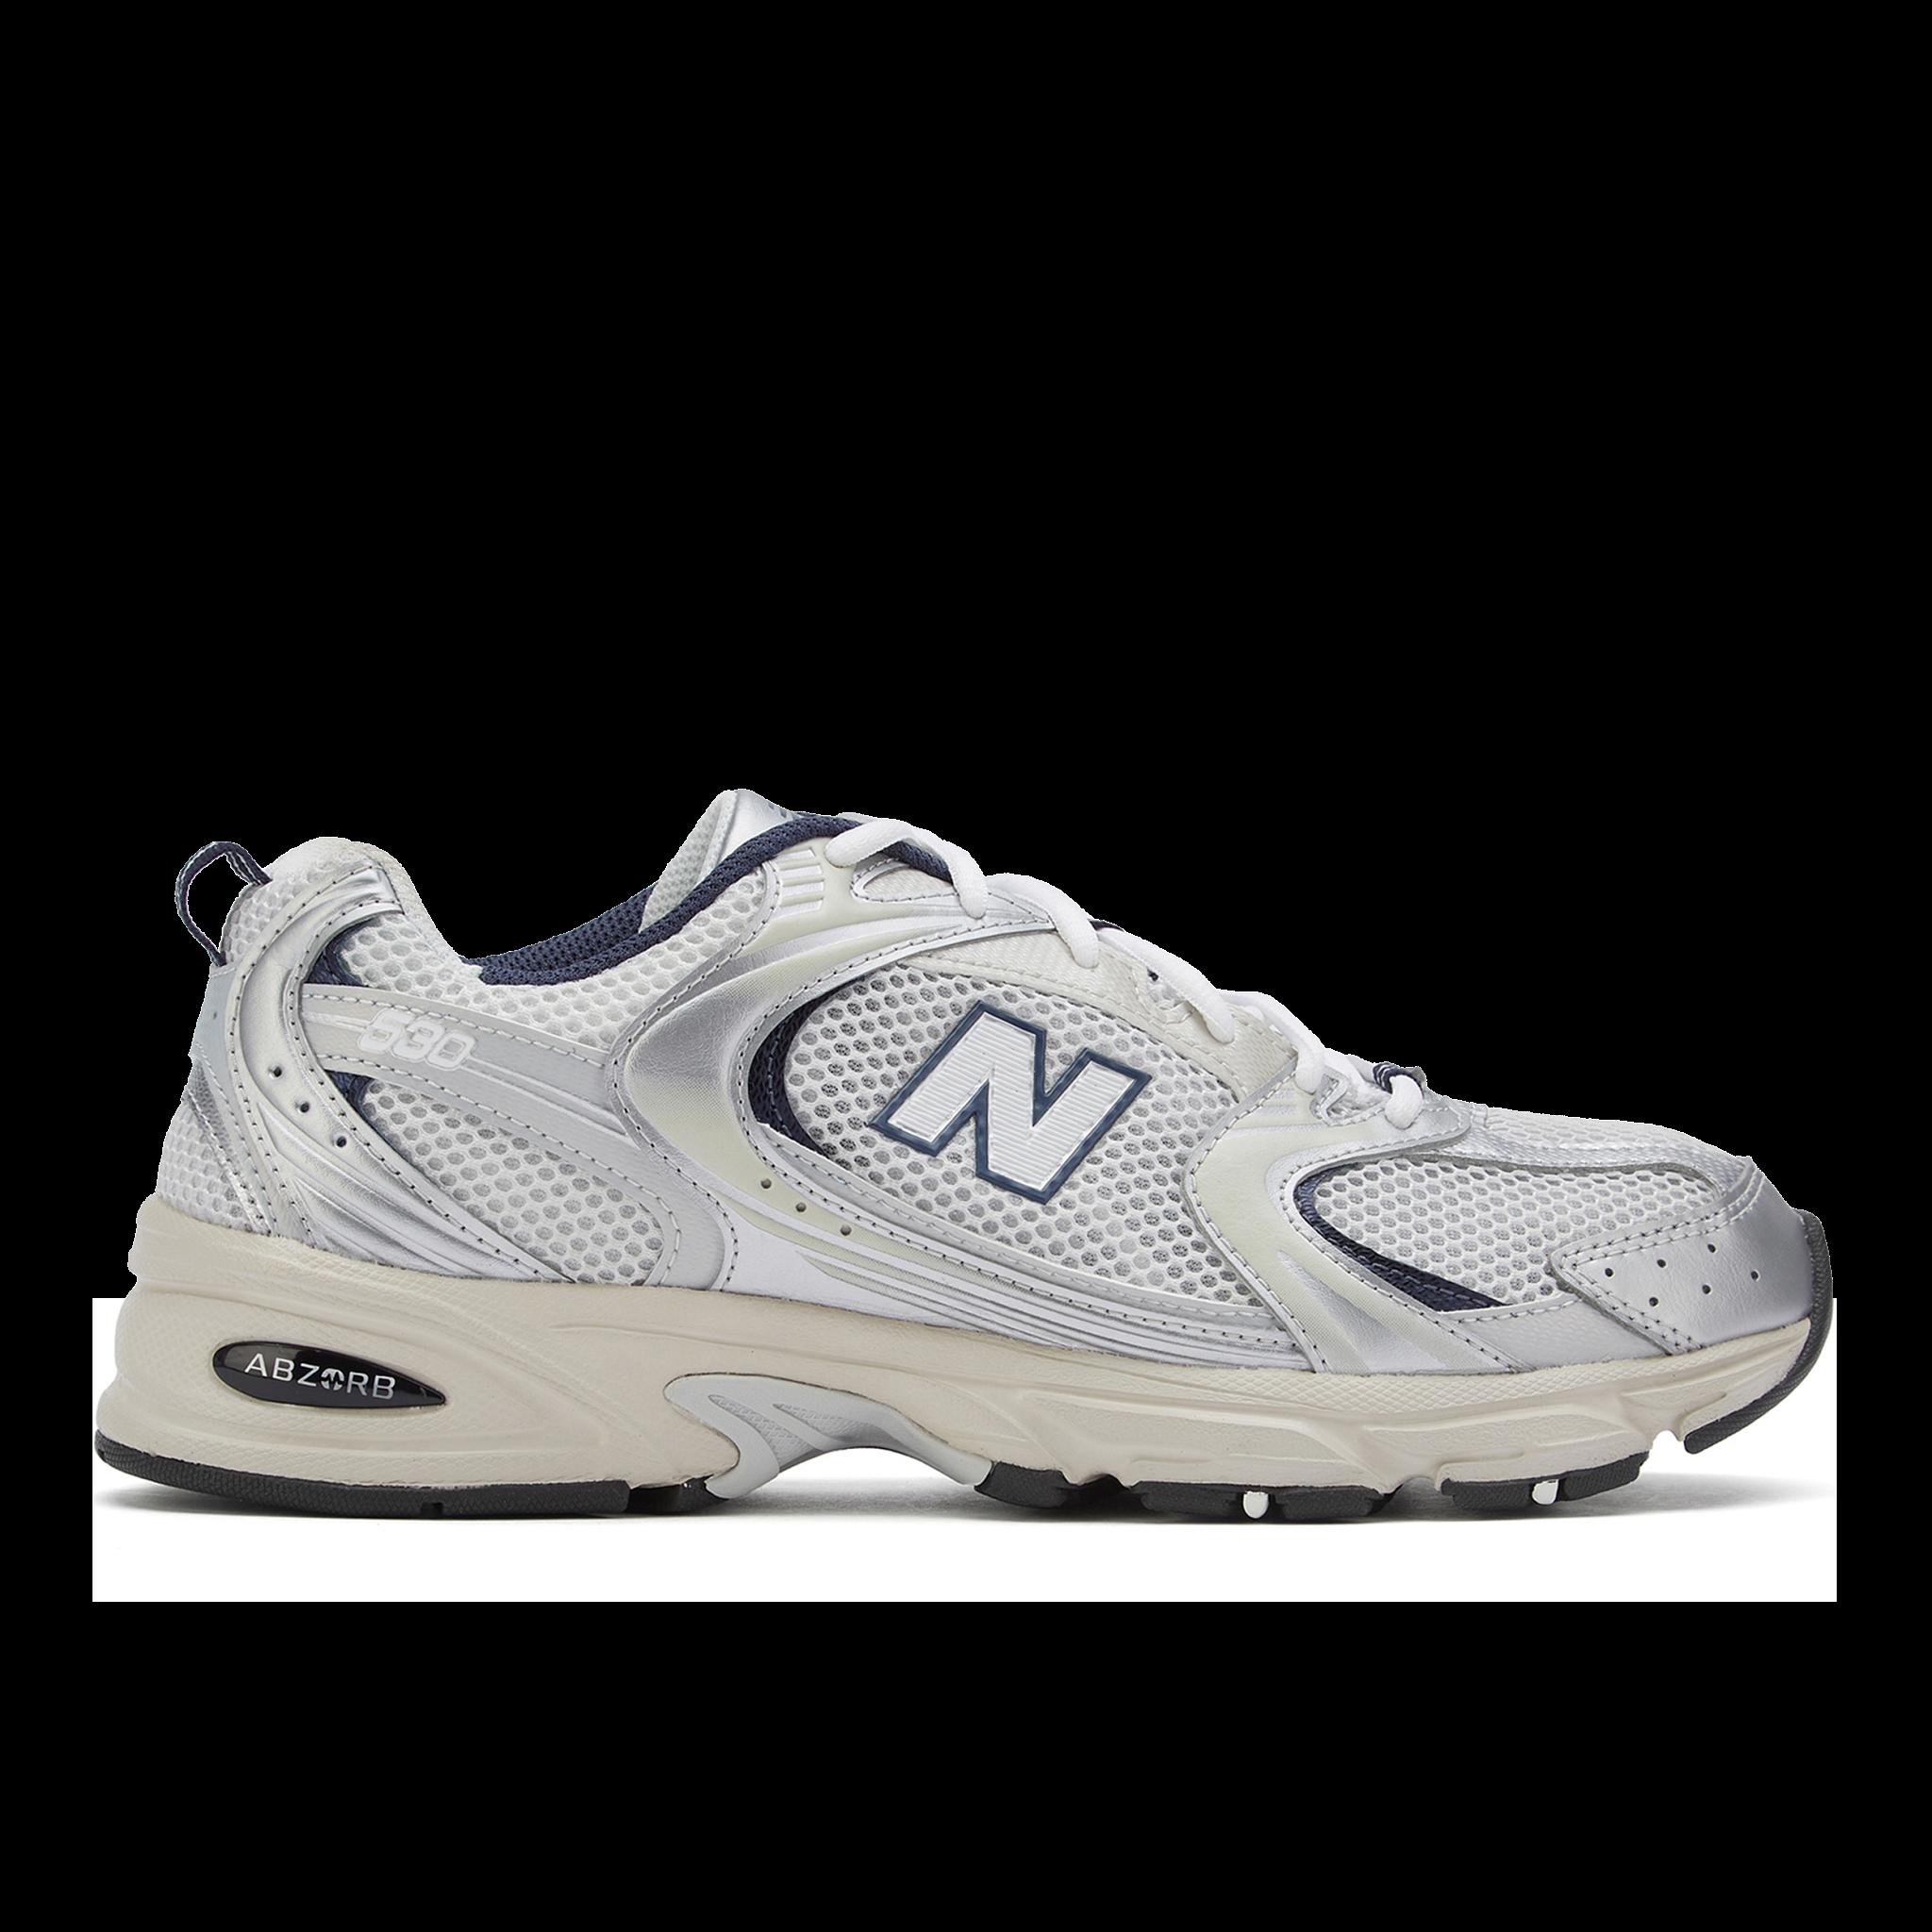 New Balance 530KA sneakers